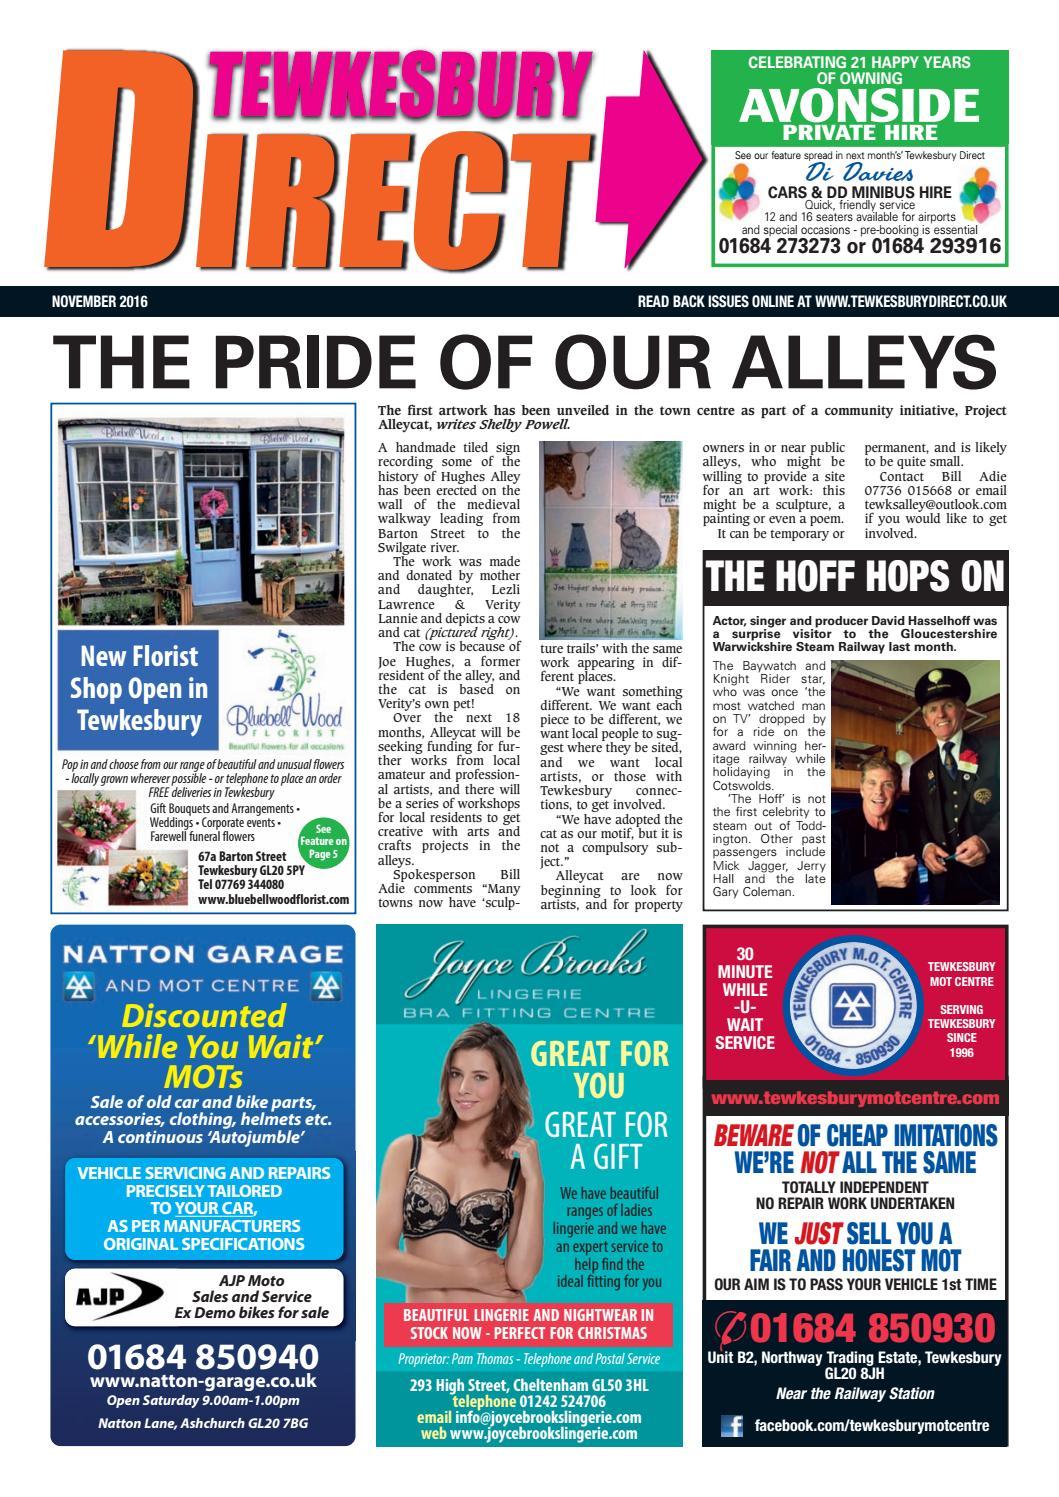 3a7ba449f8b2 Tewkesbury Direct Magazine November 2016 by Tewkesbury Direct Magazine -  issuu